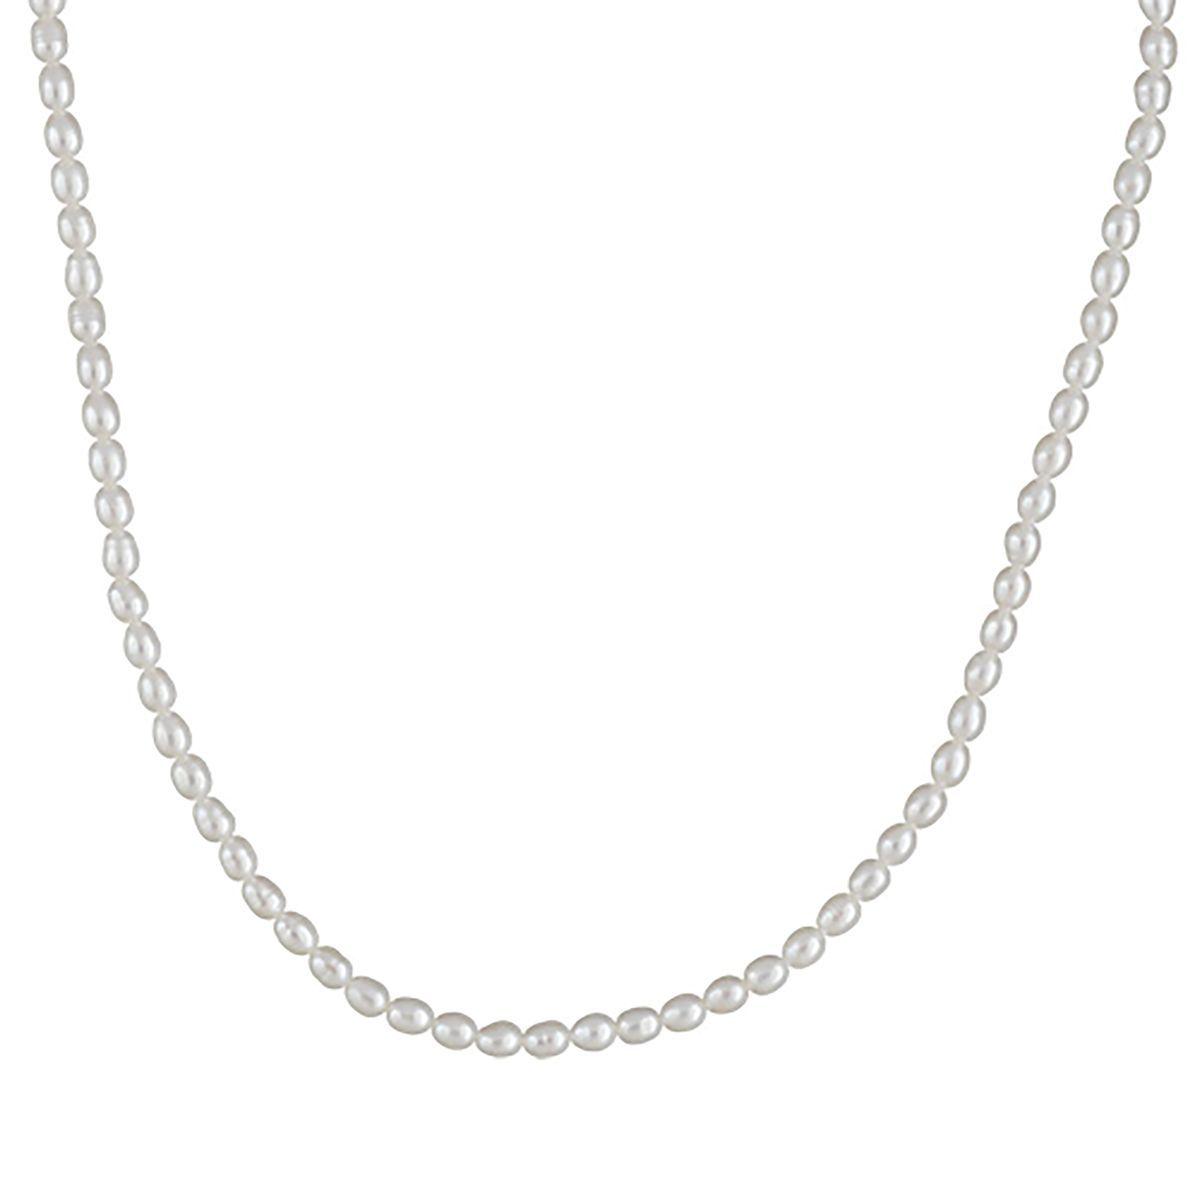 Collier Femme Longueur Réglable: 40 à 45 cm Perles de Culture